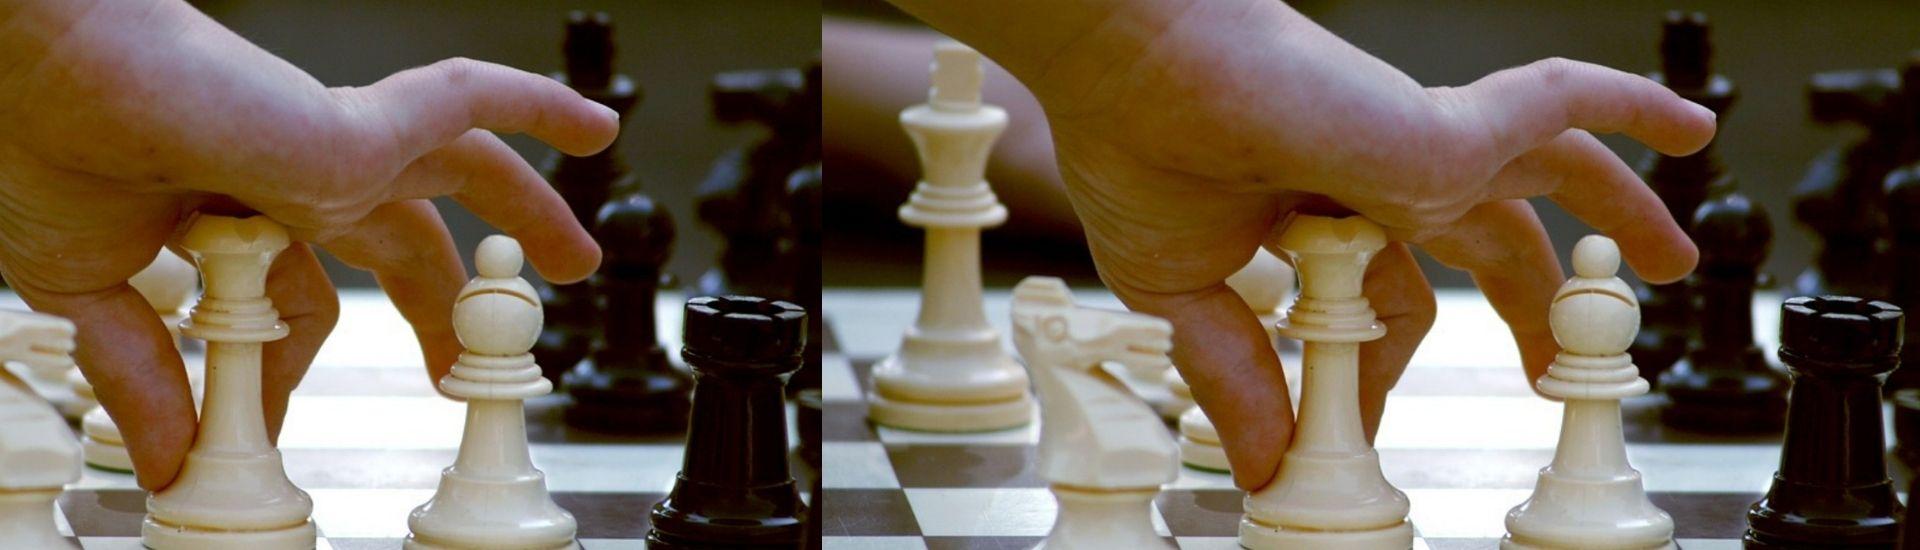 mano jugando ajedrez